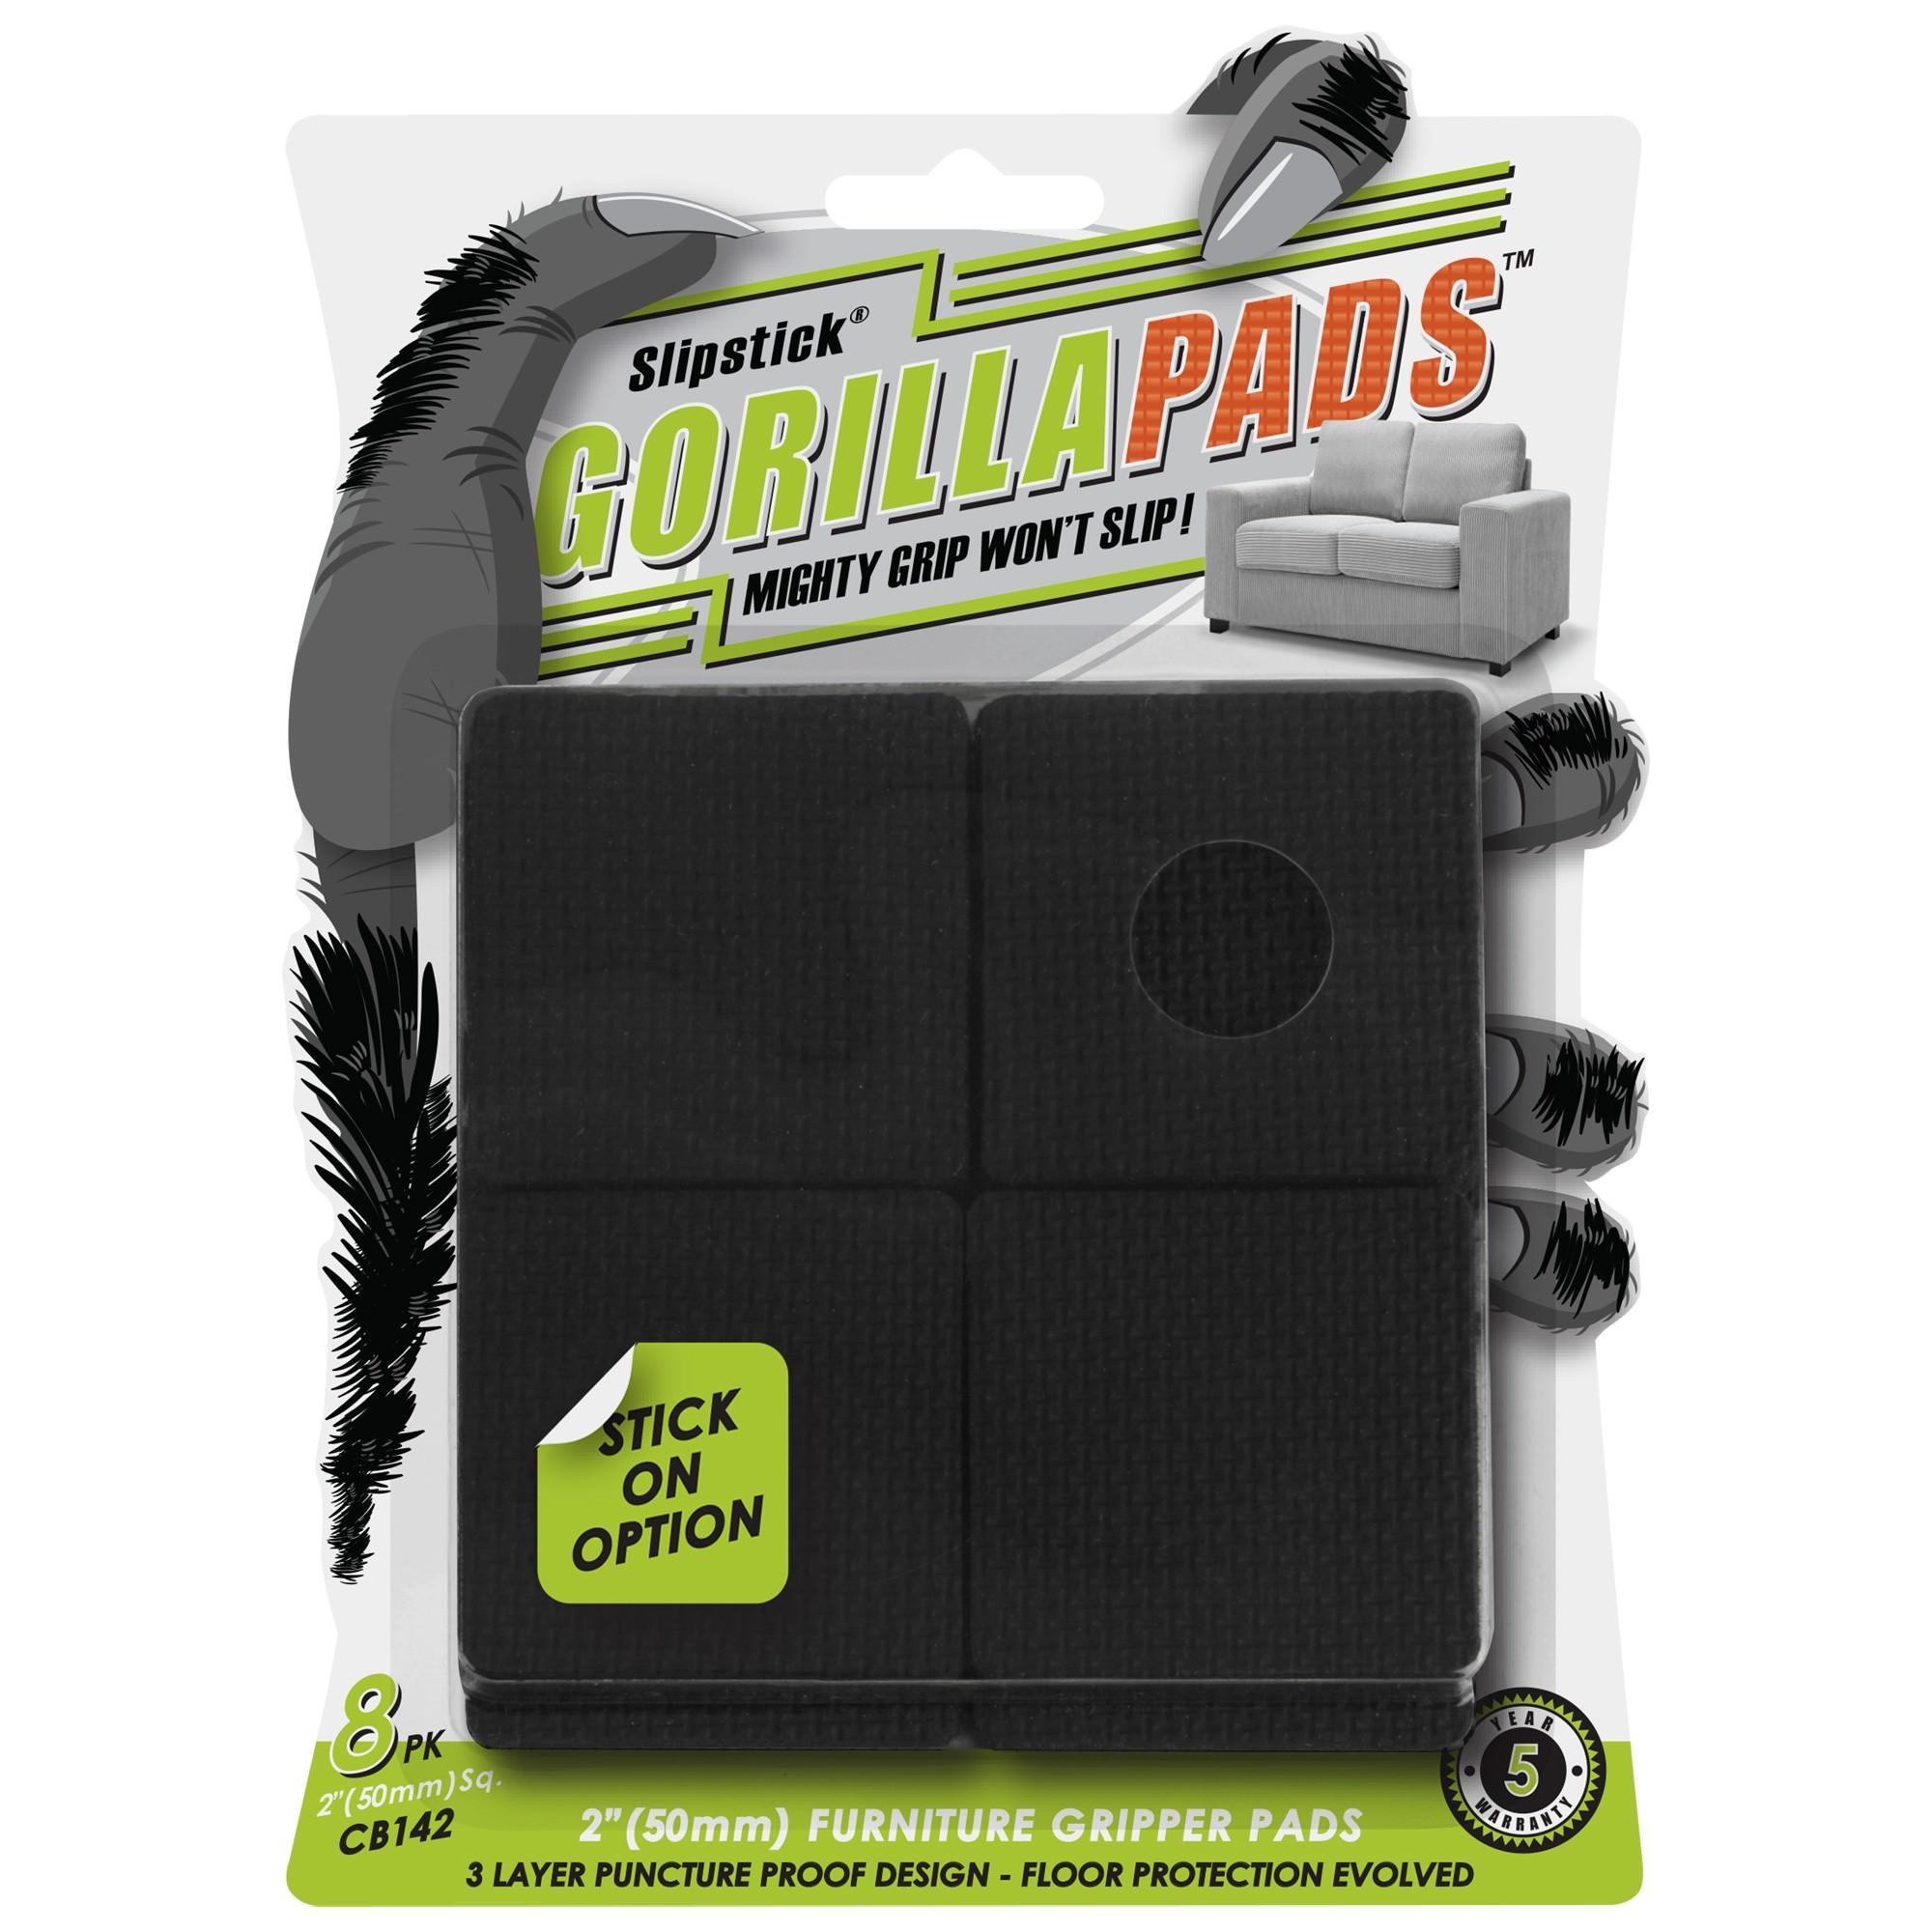 Slipstick Gorilla Furniture Gripper Pads, 5cm, Square, 8 Pack